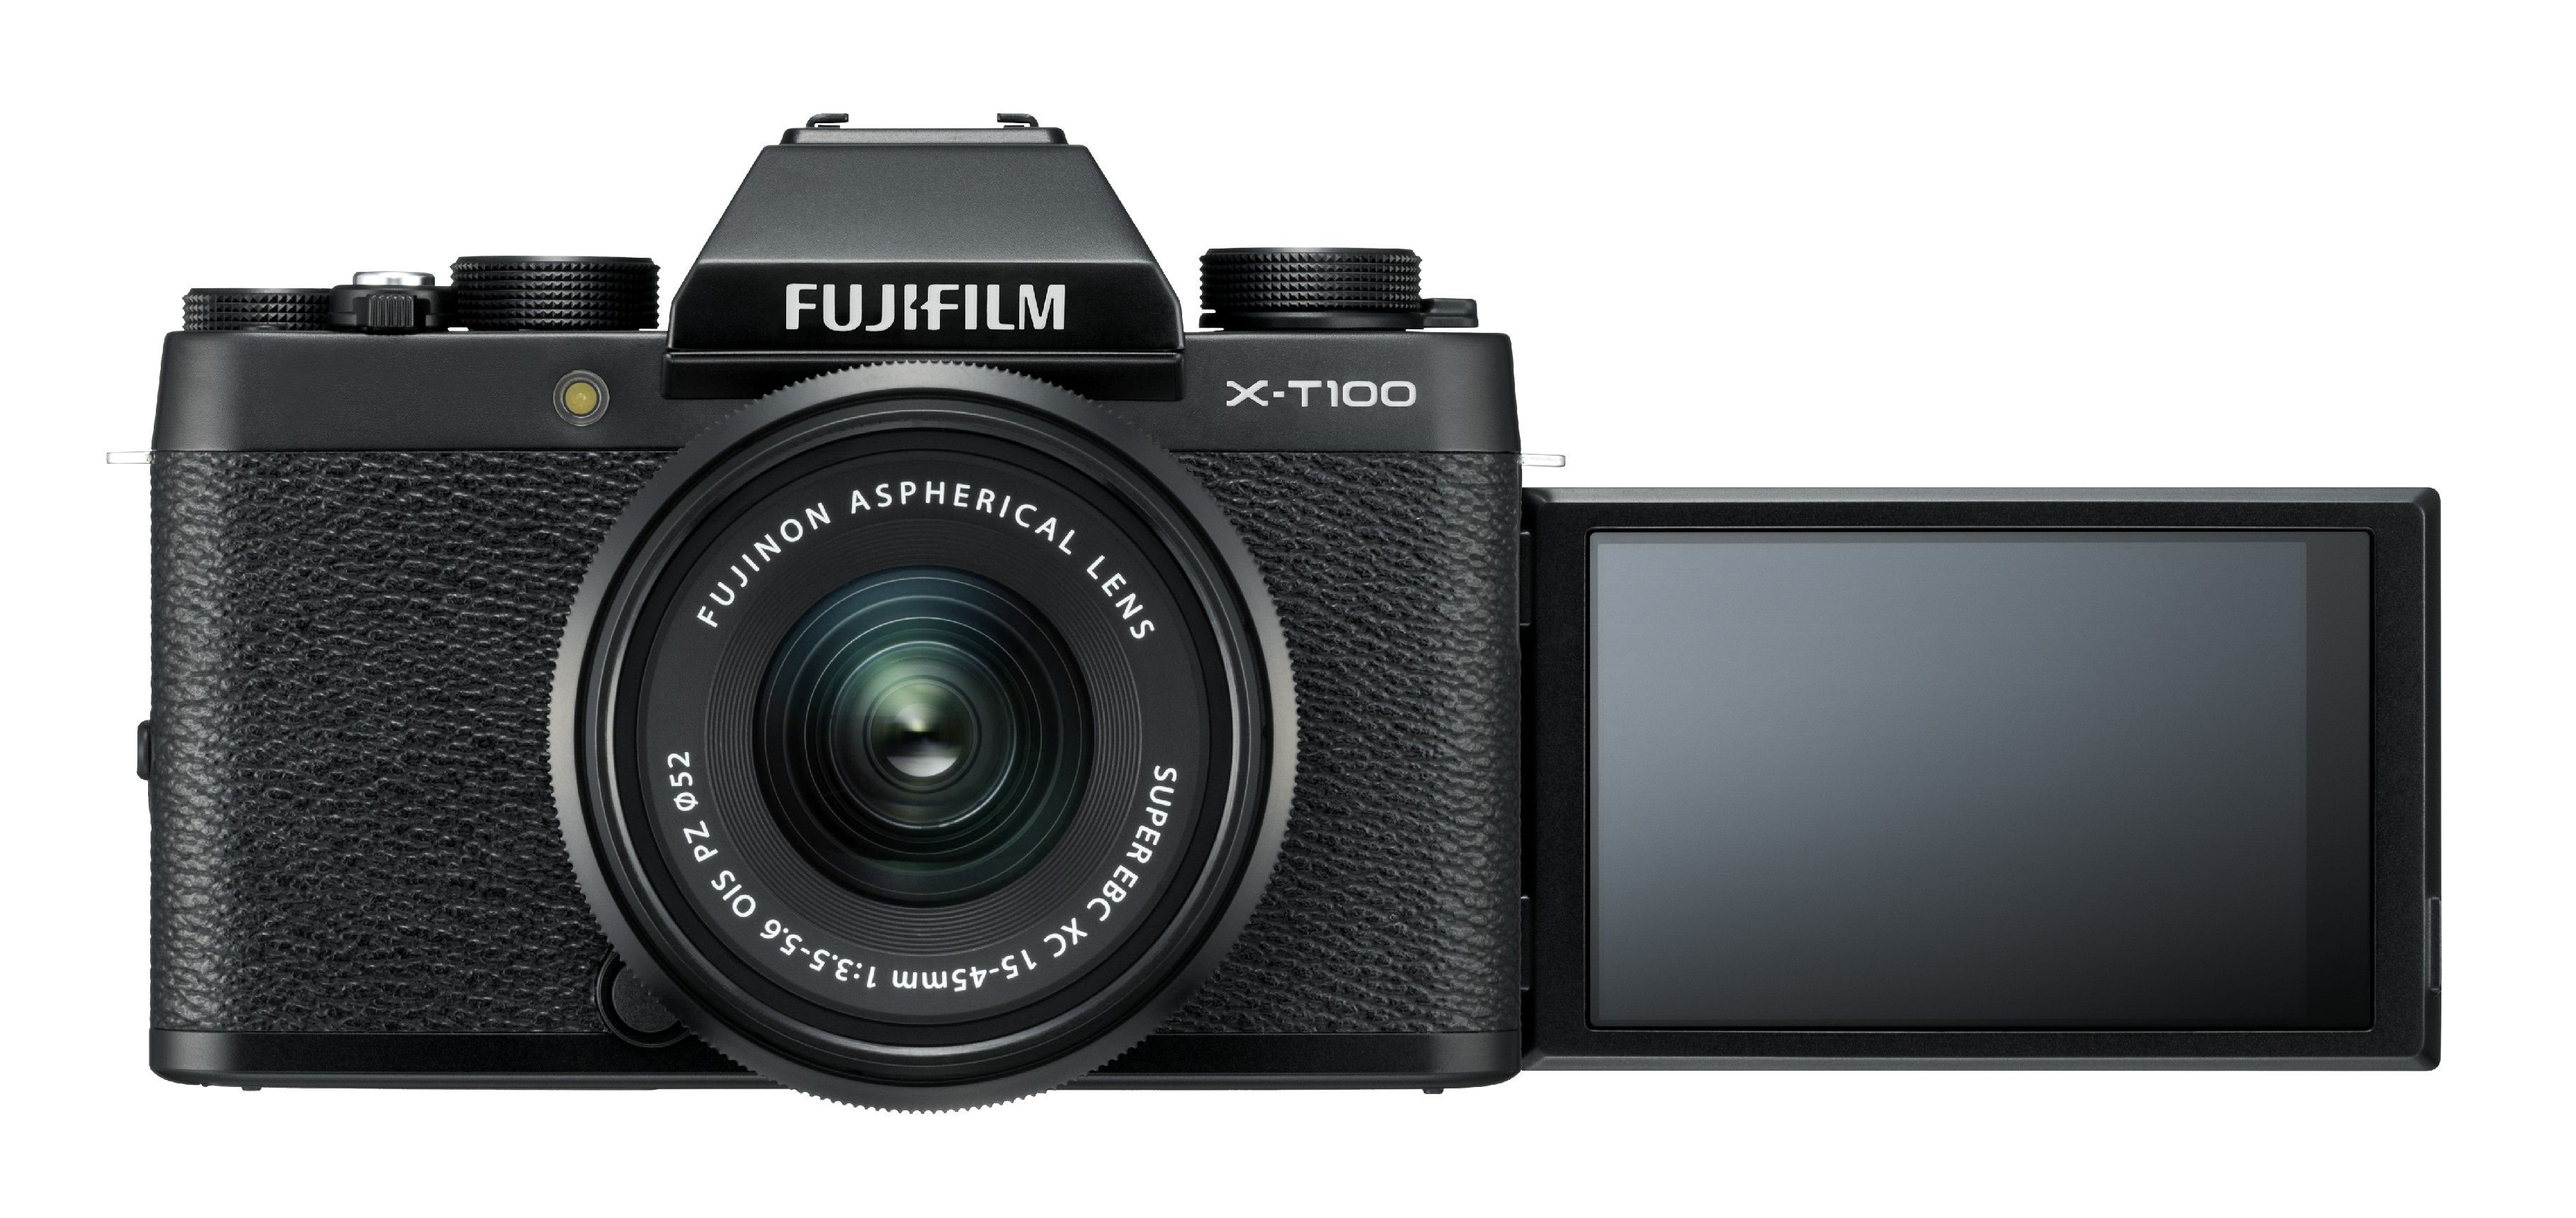 X-T100